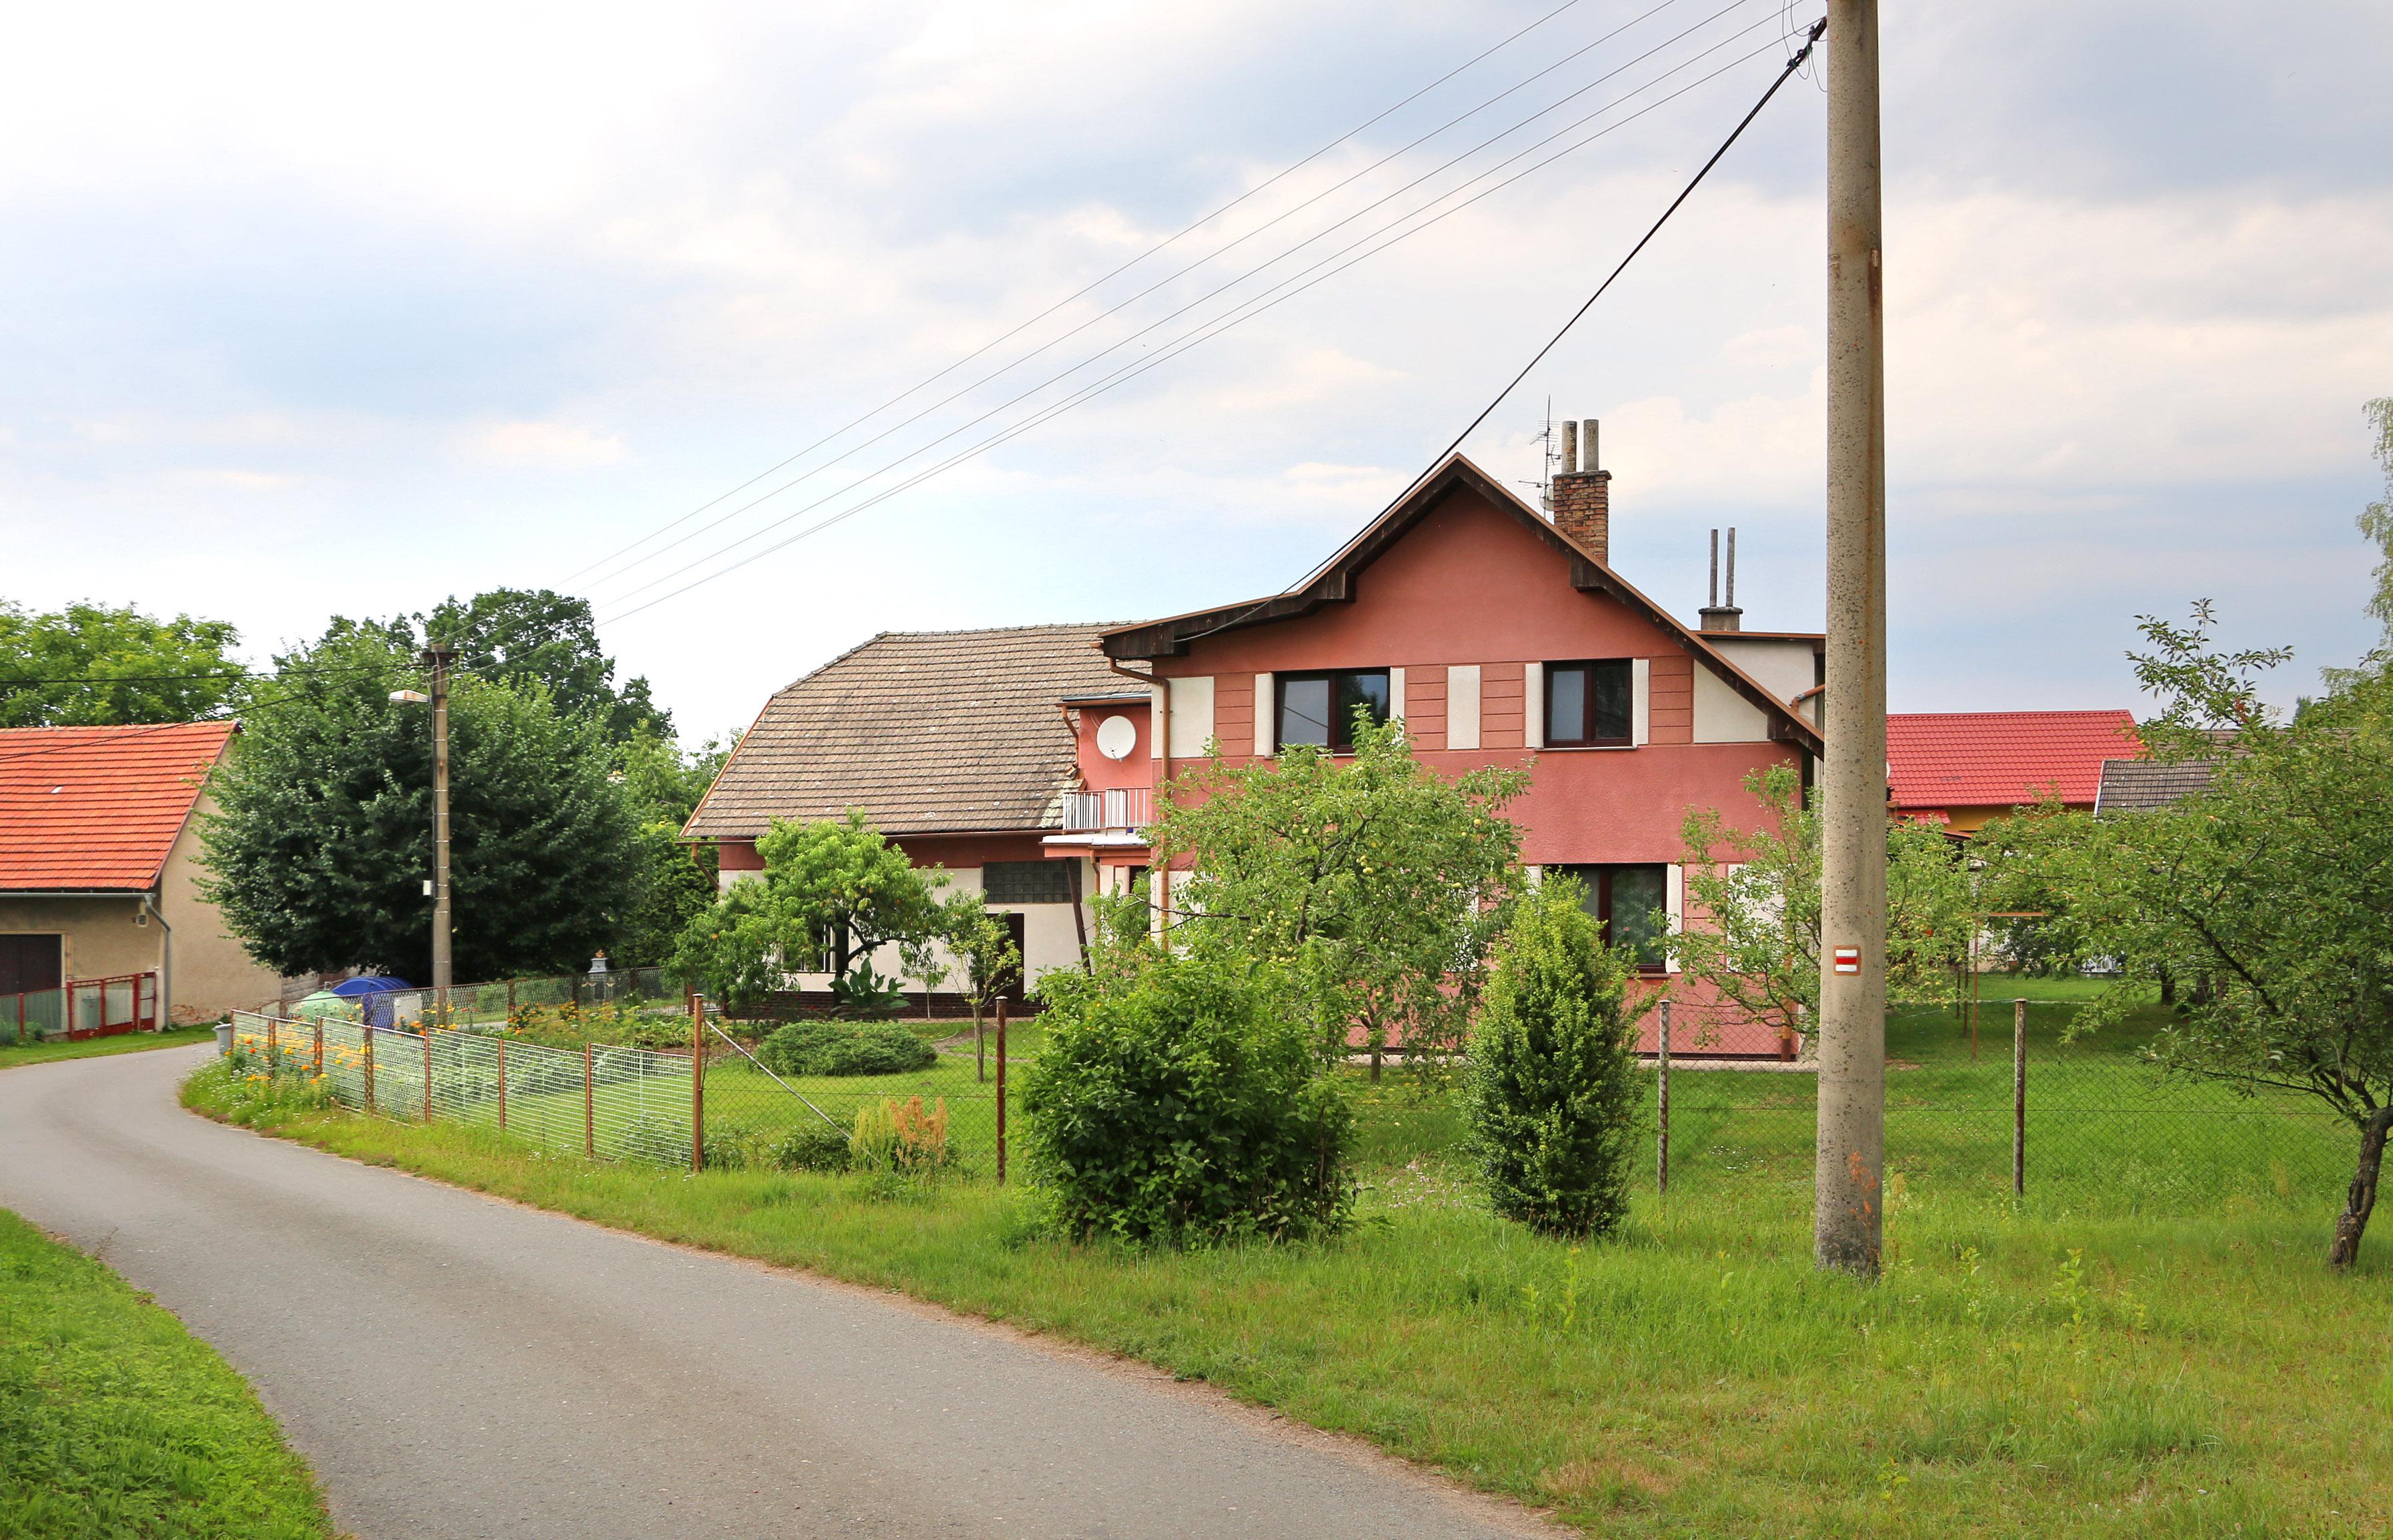 Btl House Or Rooms